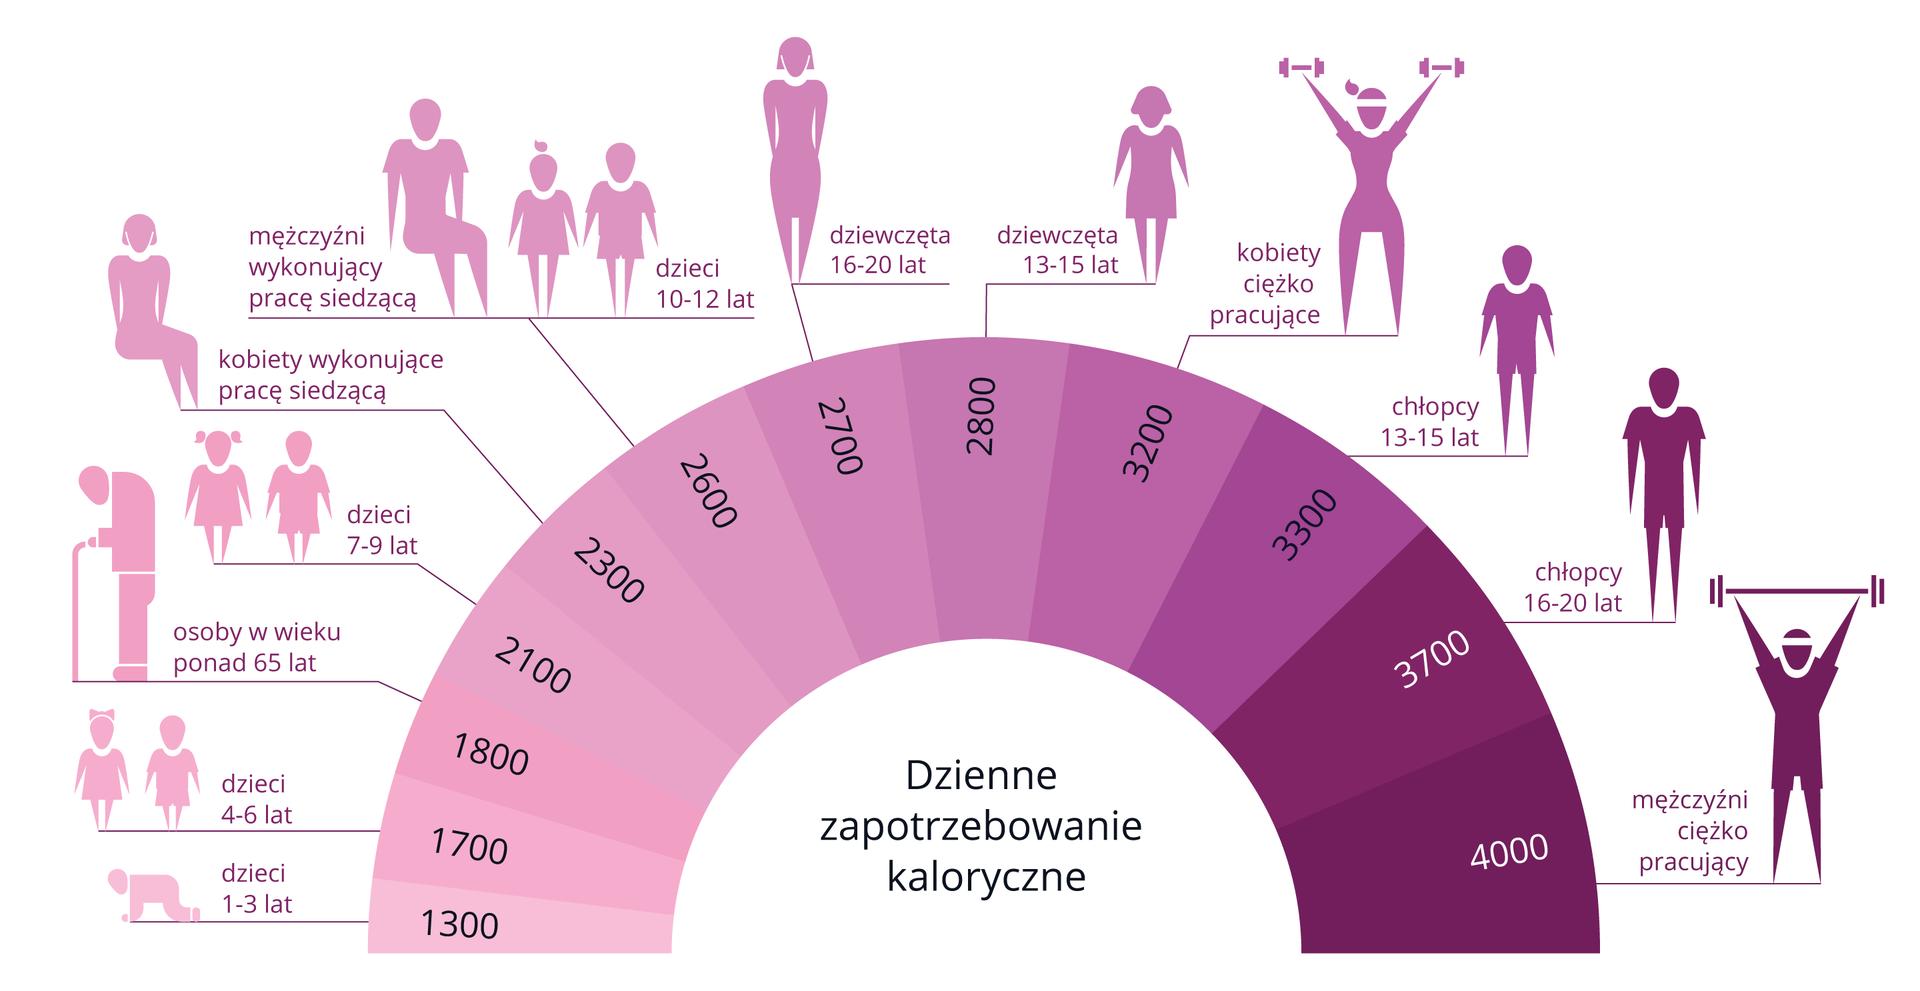 Ilustracja przedstawia dzienne zapotrzebowanie kaloryczne wzależności od płci iwieku. Wfioletowym wachlarzu wpisane liczby kalorii, od 1300 do 4000. Im więcej kalorii, tym odcień ciemniejszy. Nad wachlarzem schematyczne fioletowe sylwetki zopisem wieku, płci irodzaju pracy. Od sylwetek kreski do wachlarza wskazują, ile kalorii dziennie potrzebuje dana osoba.